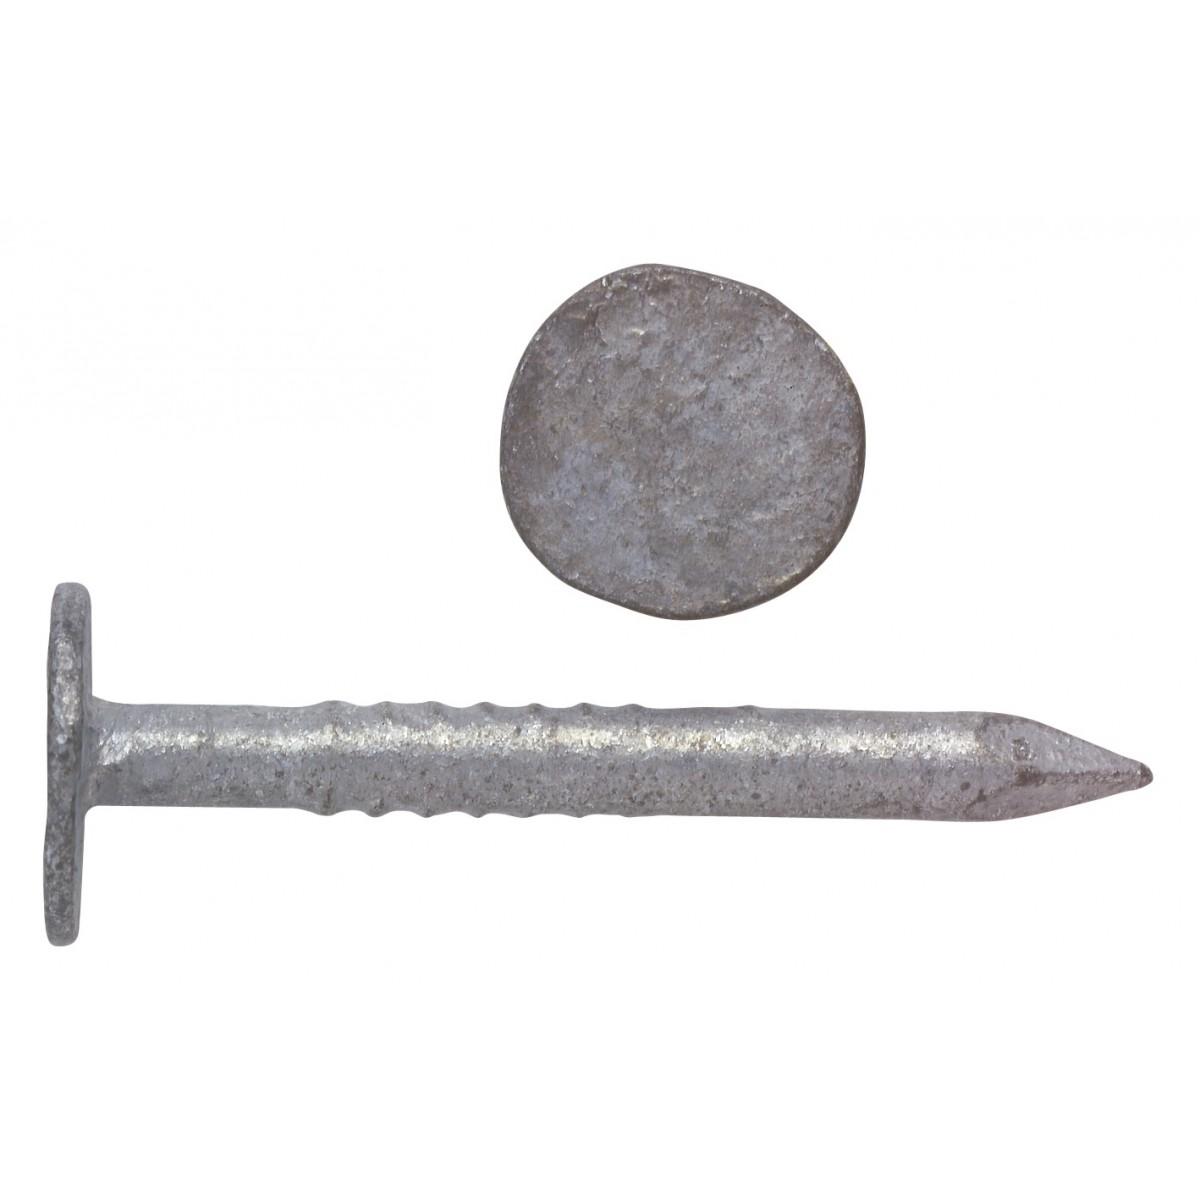 Pointe ardoise tête extra large Arcelor Mittal - Longueur 30 mm - Diamètre 2,7 mm - 5 kg